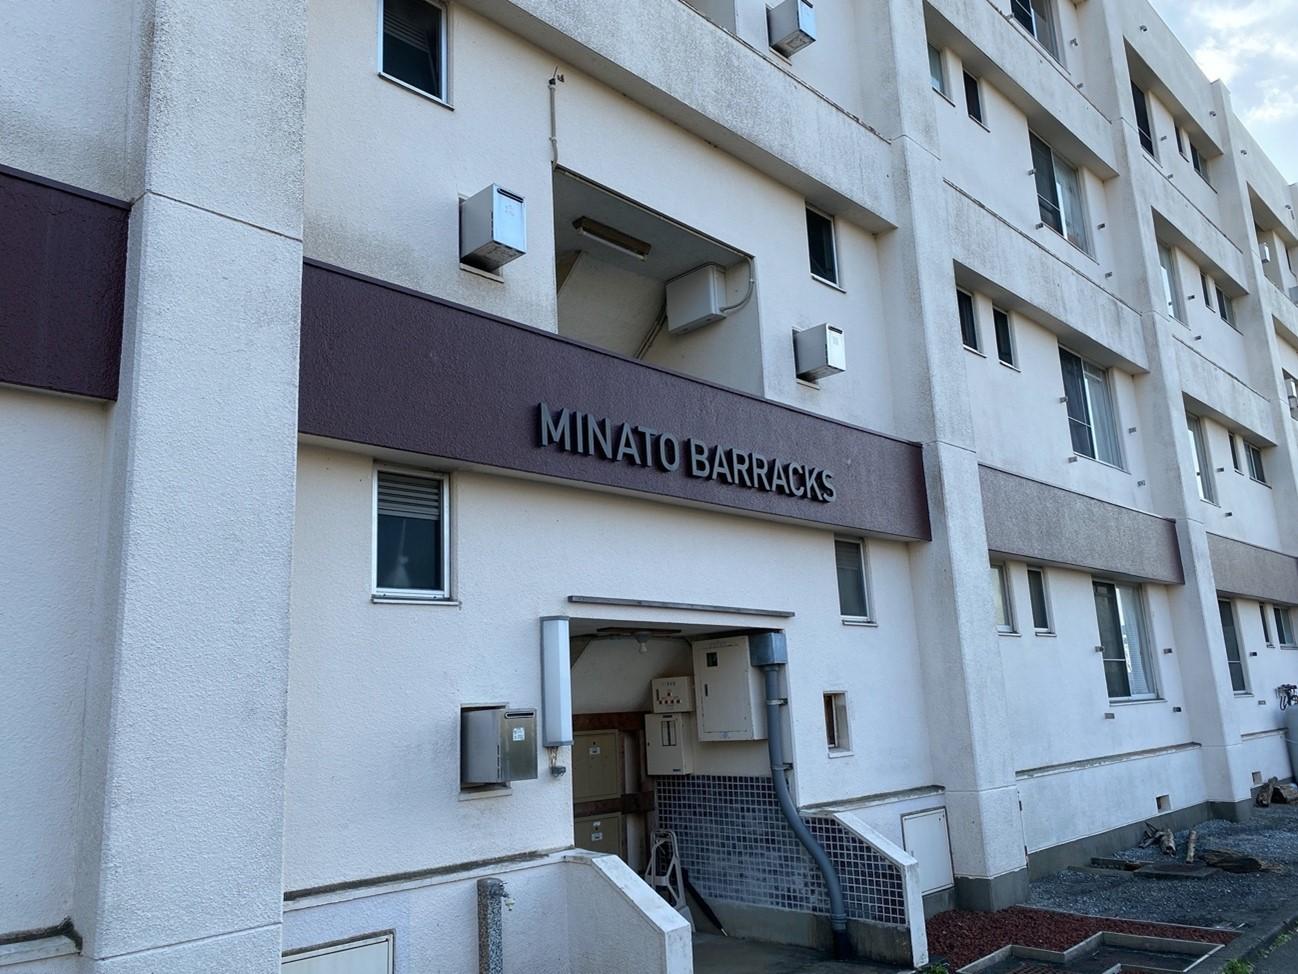 館山市湊地区で漆原さんが取得し改装したミナトバラックス。バラックスは英語で「兵舎」の意で、元々の建物が自衛官の官舎だったことなどにちなむ